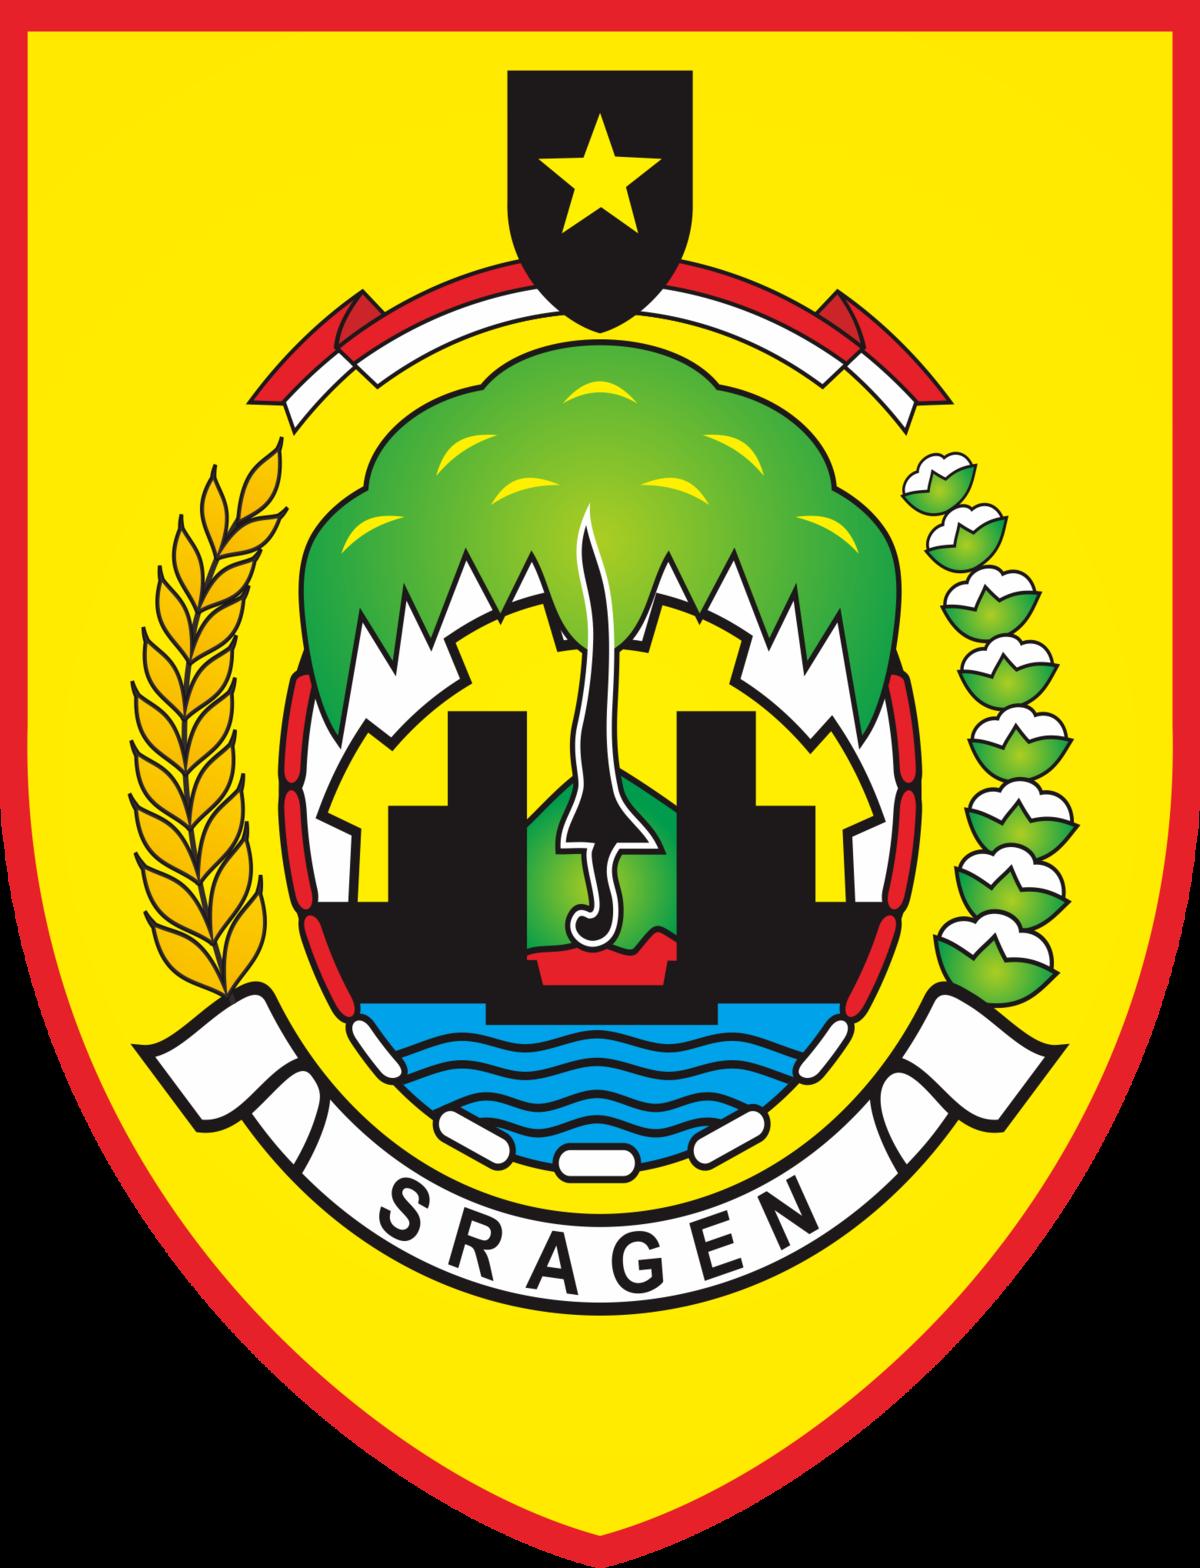 Kabupaten Sragen Wikipedia Bahasa Indonesia Ensiklopedia Bebas Wisata Kolam Renang